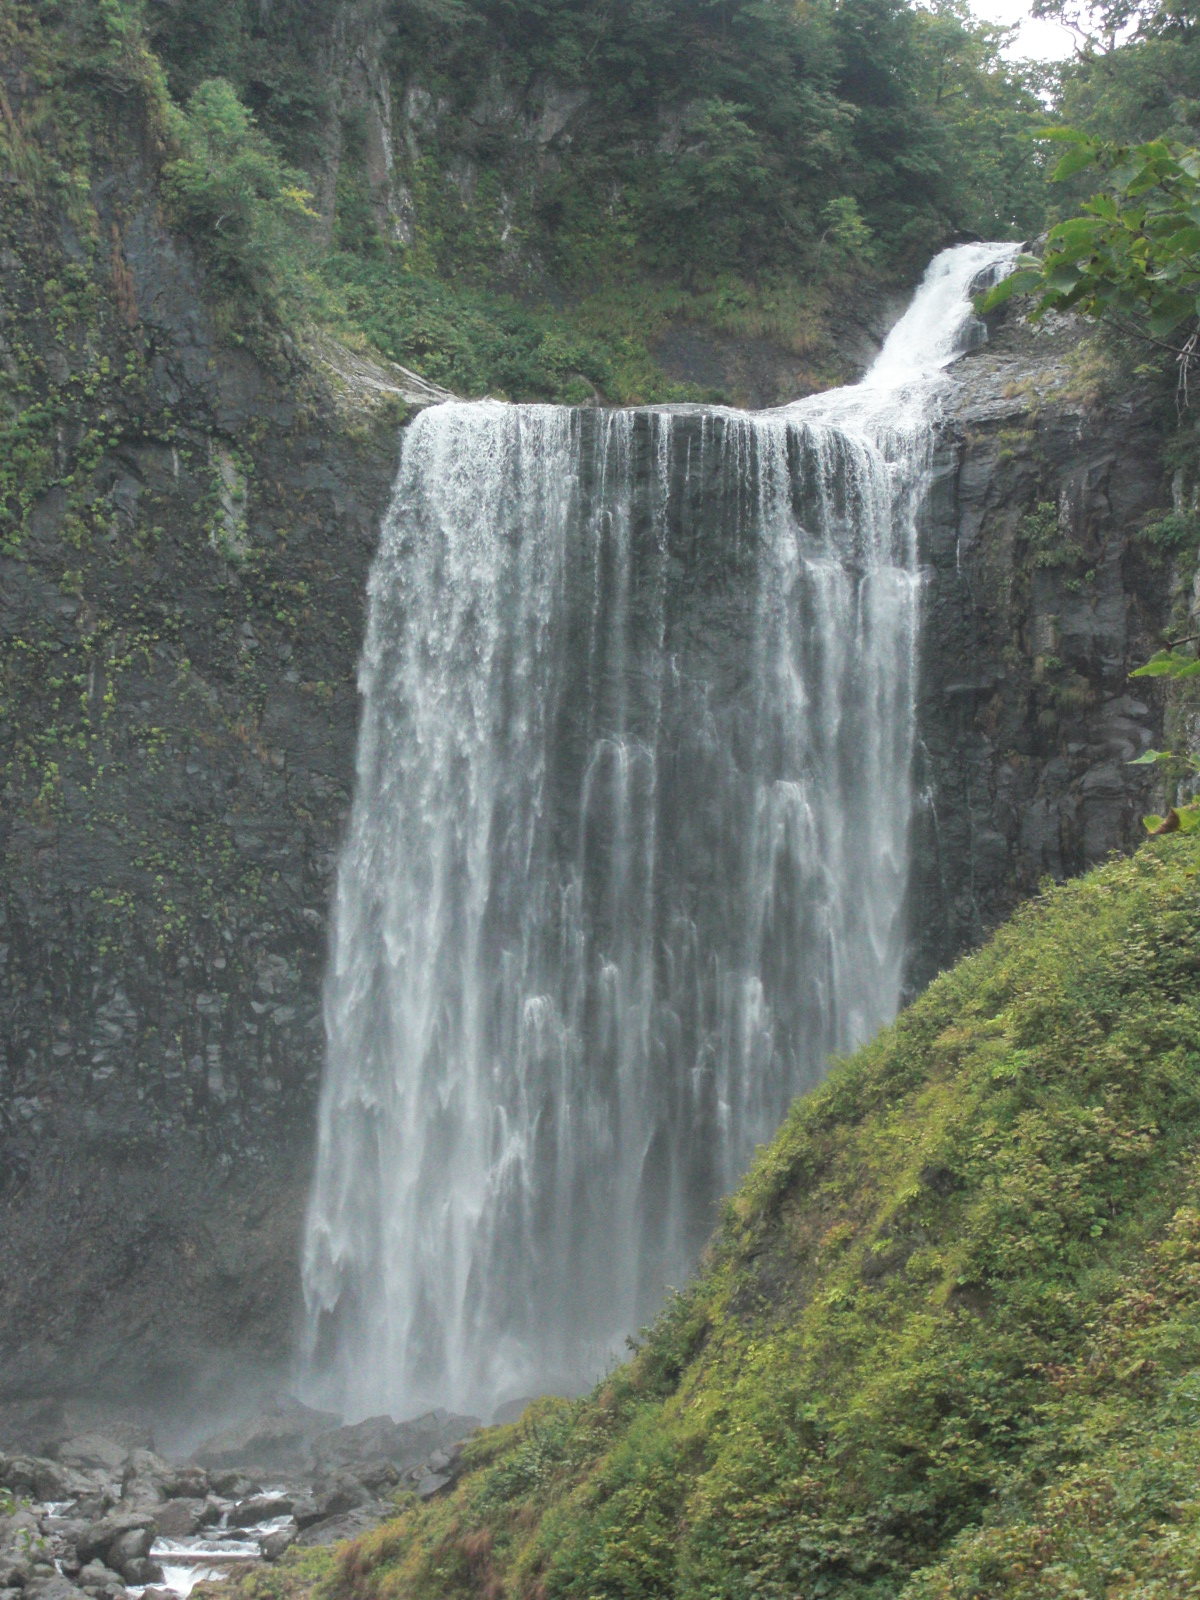 【島牧村】追分ソーランライン賀老の滝・ドラゴンウォーター・狩場山観光案内です。